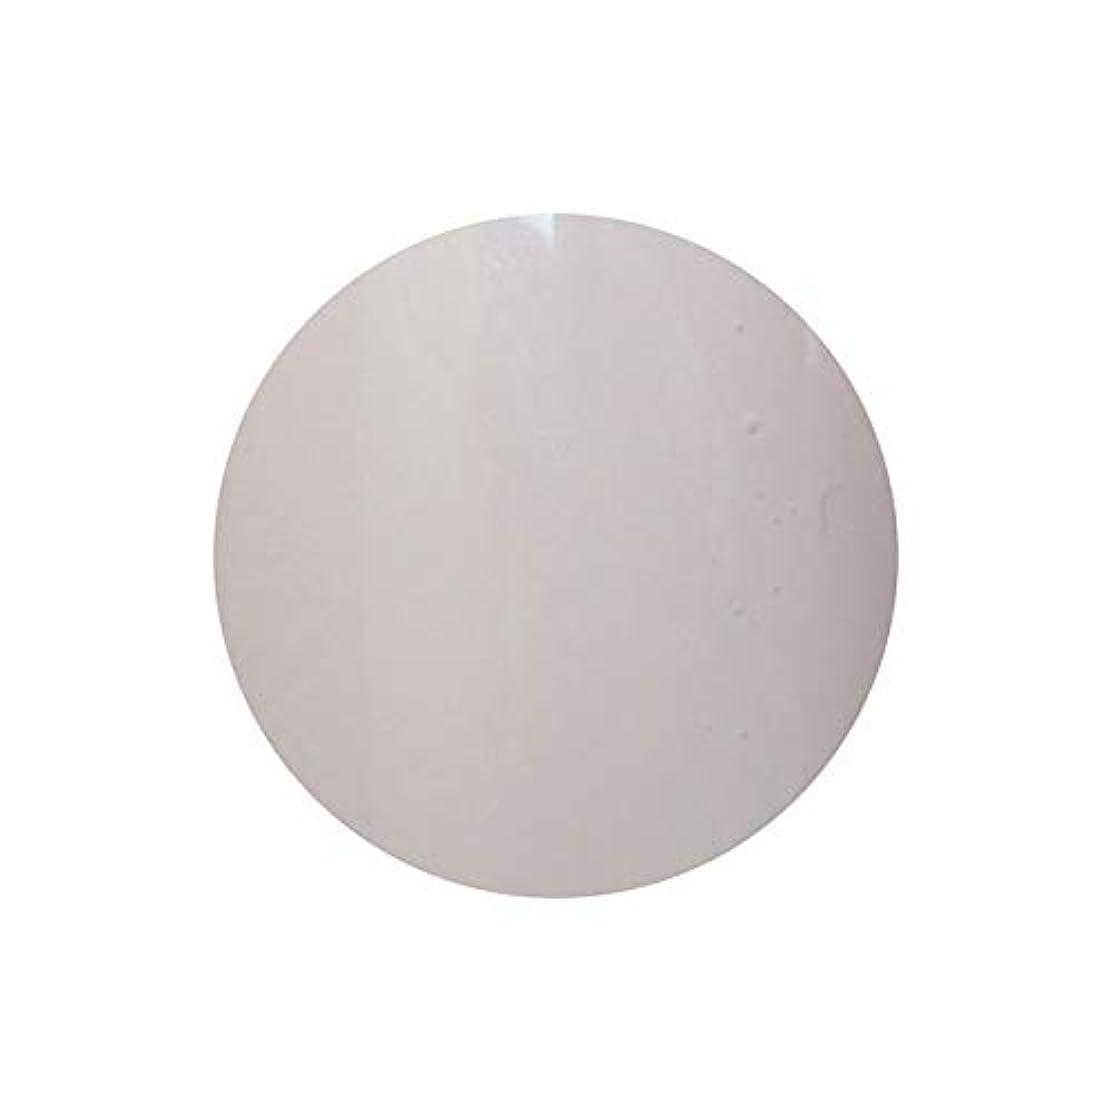 違反それによって学んだNEW】T-GEL COLLECTION カラージェル D220 モカホワイト 4ml